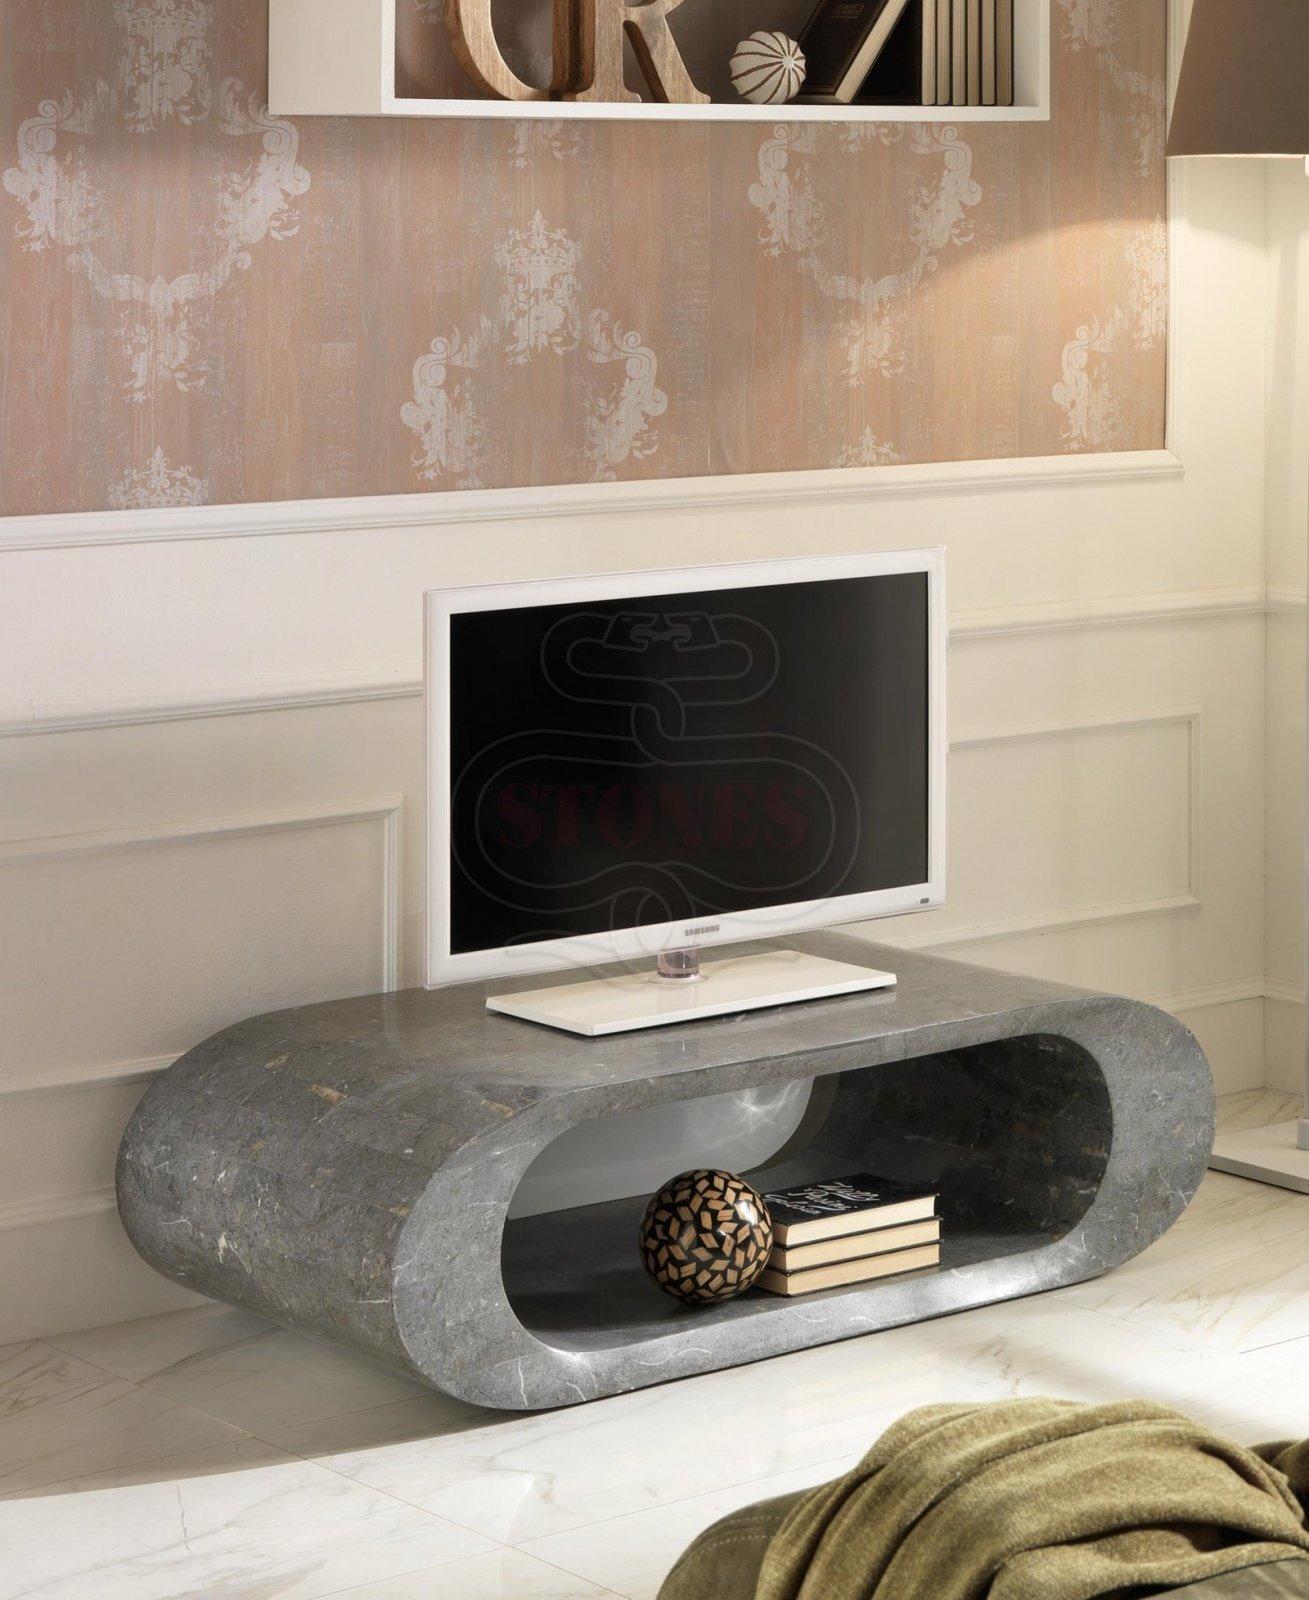 Mobile Porta Tv Grigio.Porta Tv Mobile Basso In Pietra Fossile Colore Grigio